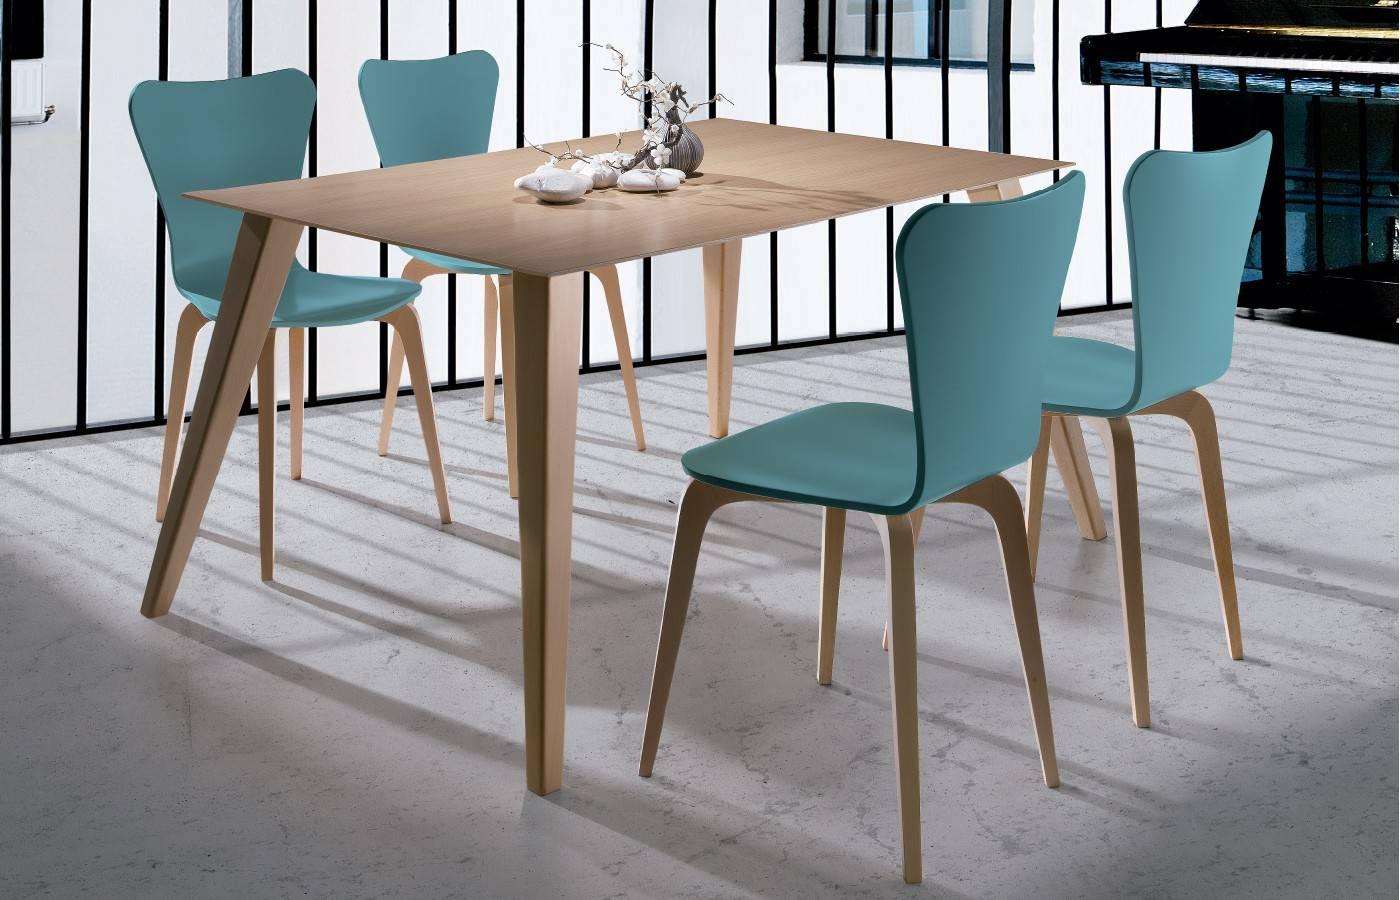 Conjunto mesa sillas okna dismobel for Mesas y sillas de comedor modernas y baratas